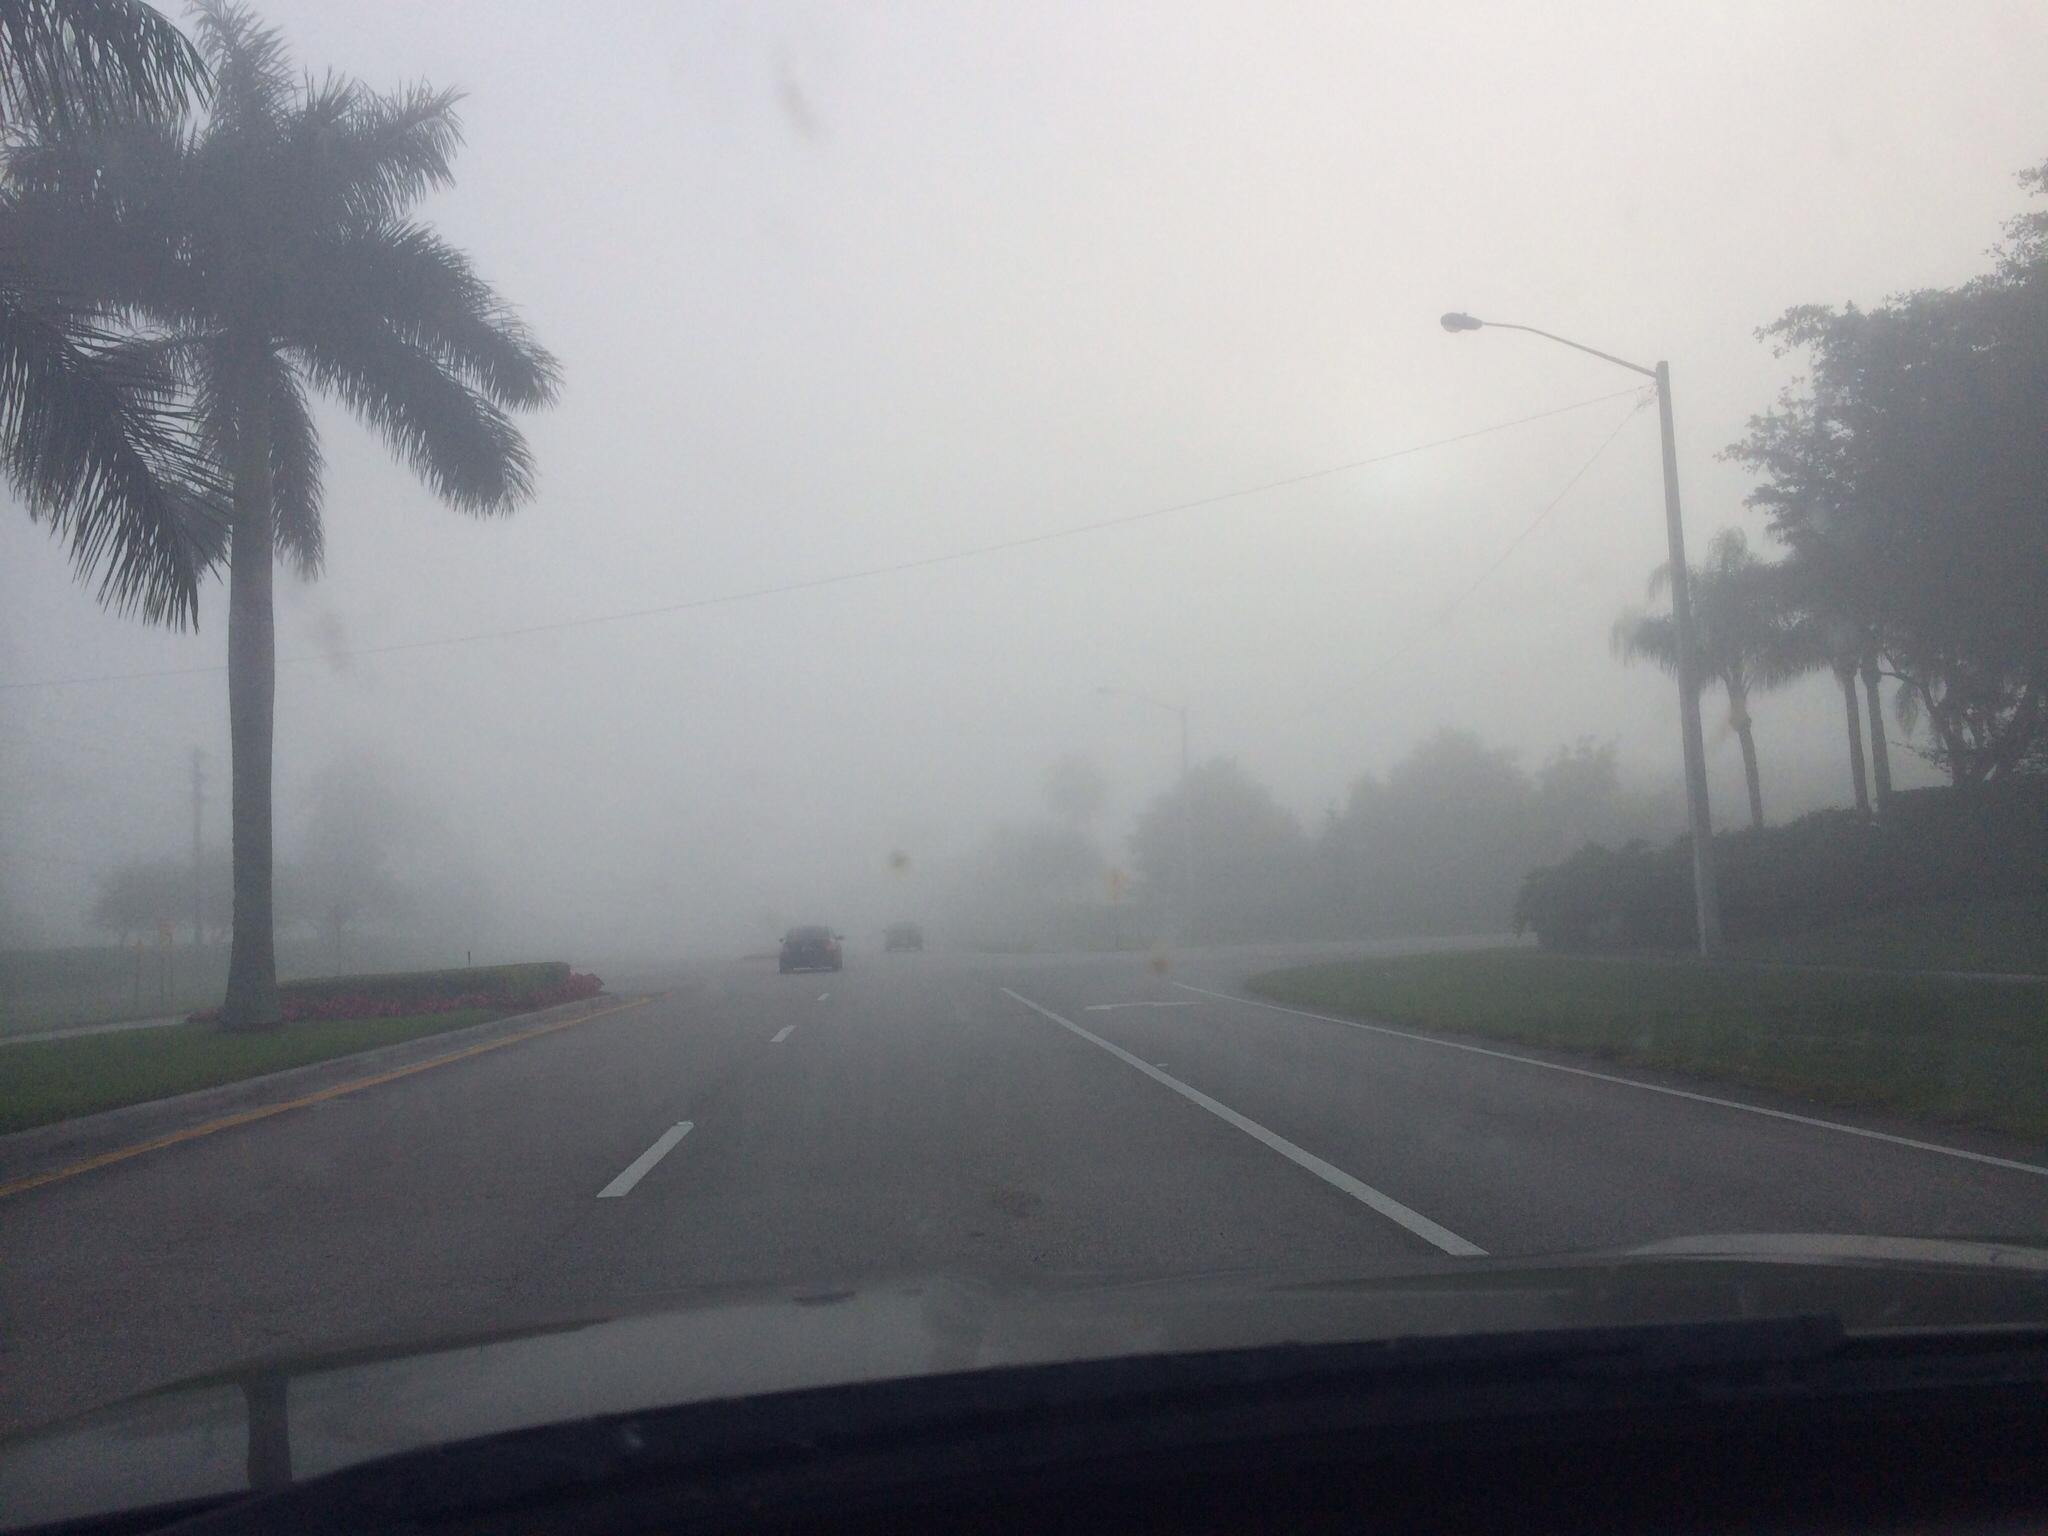 Boca fog